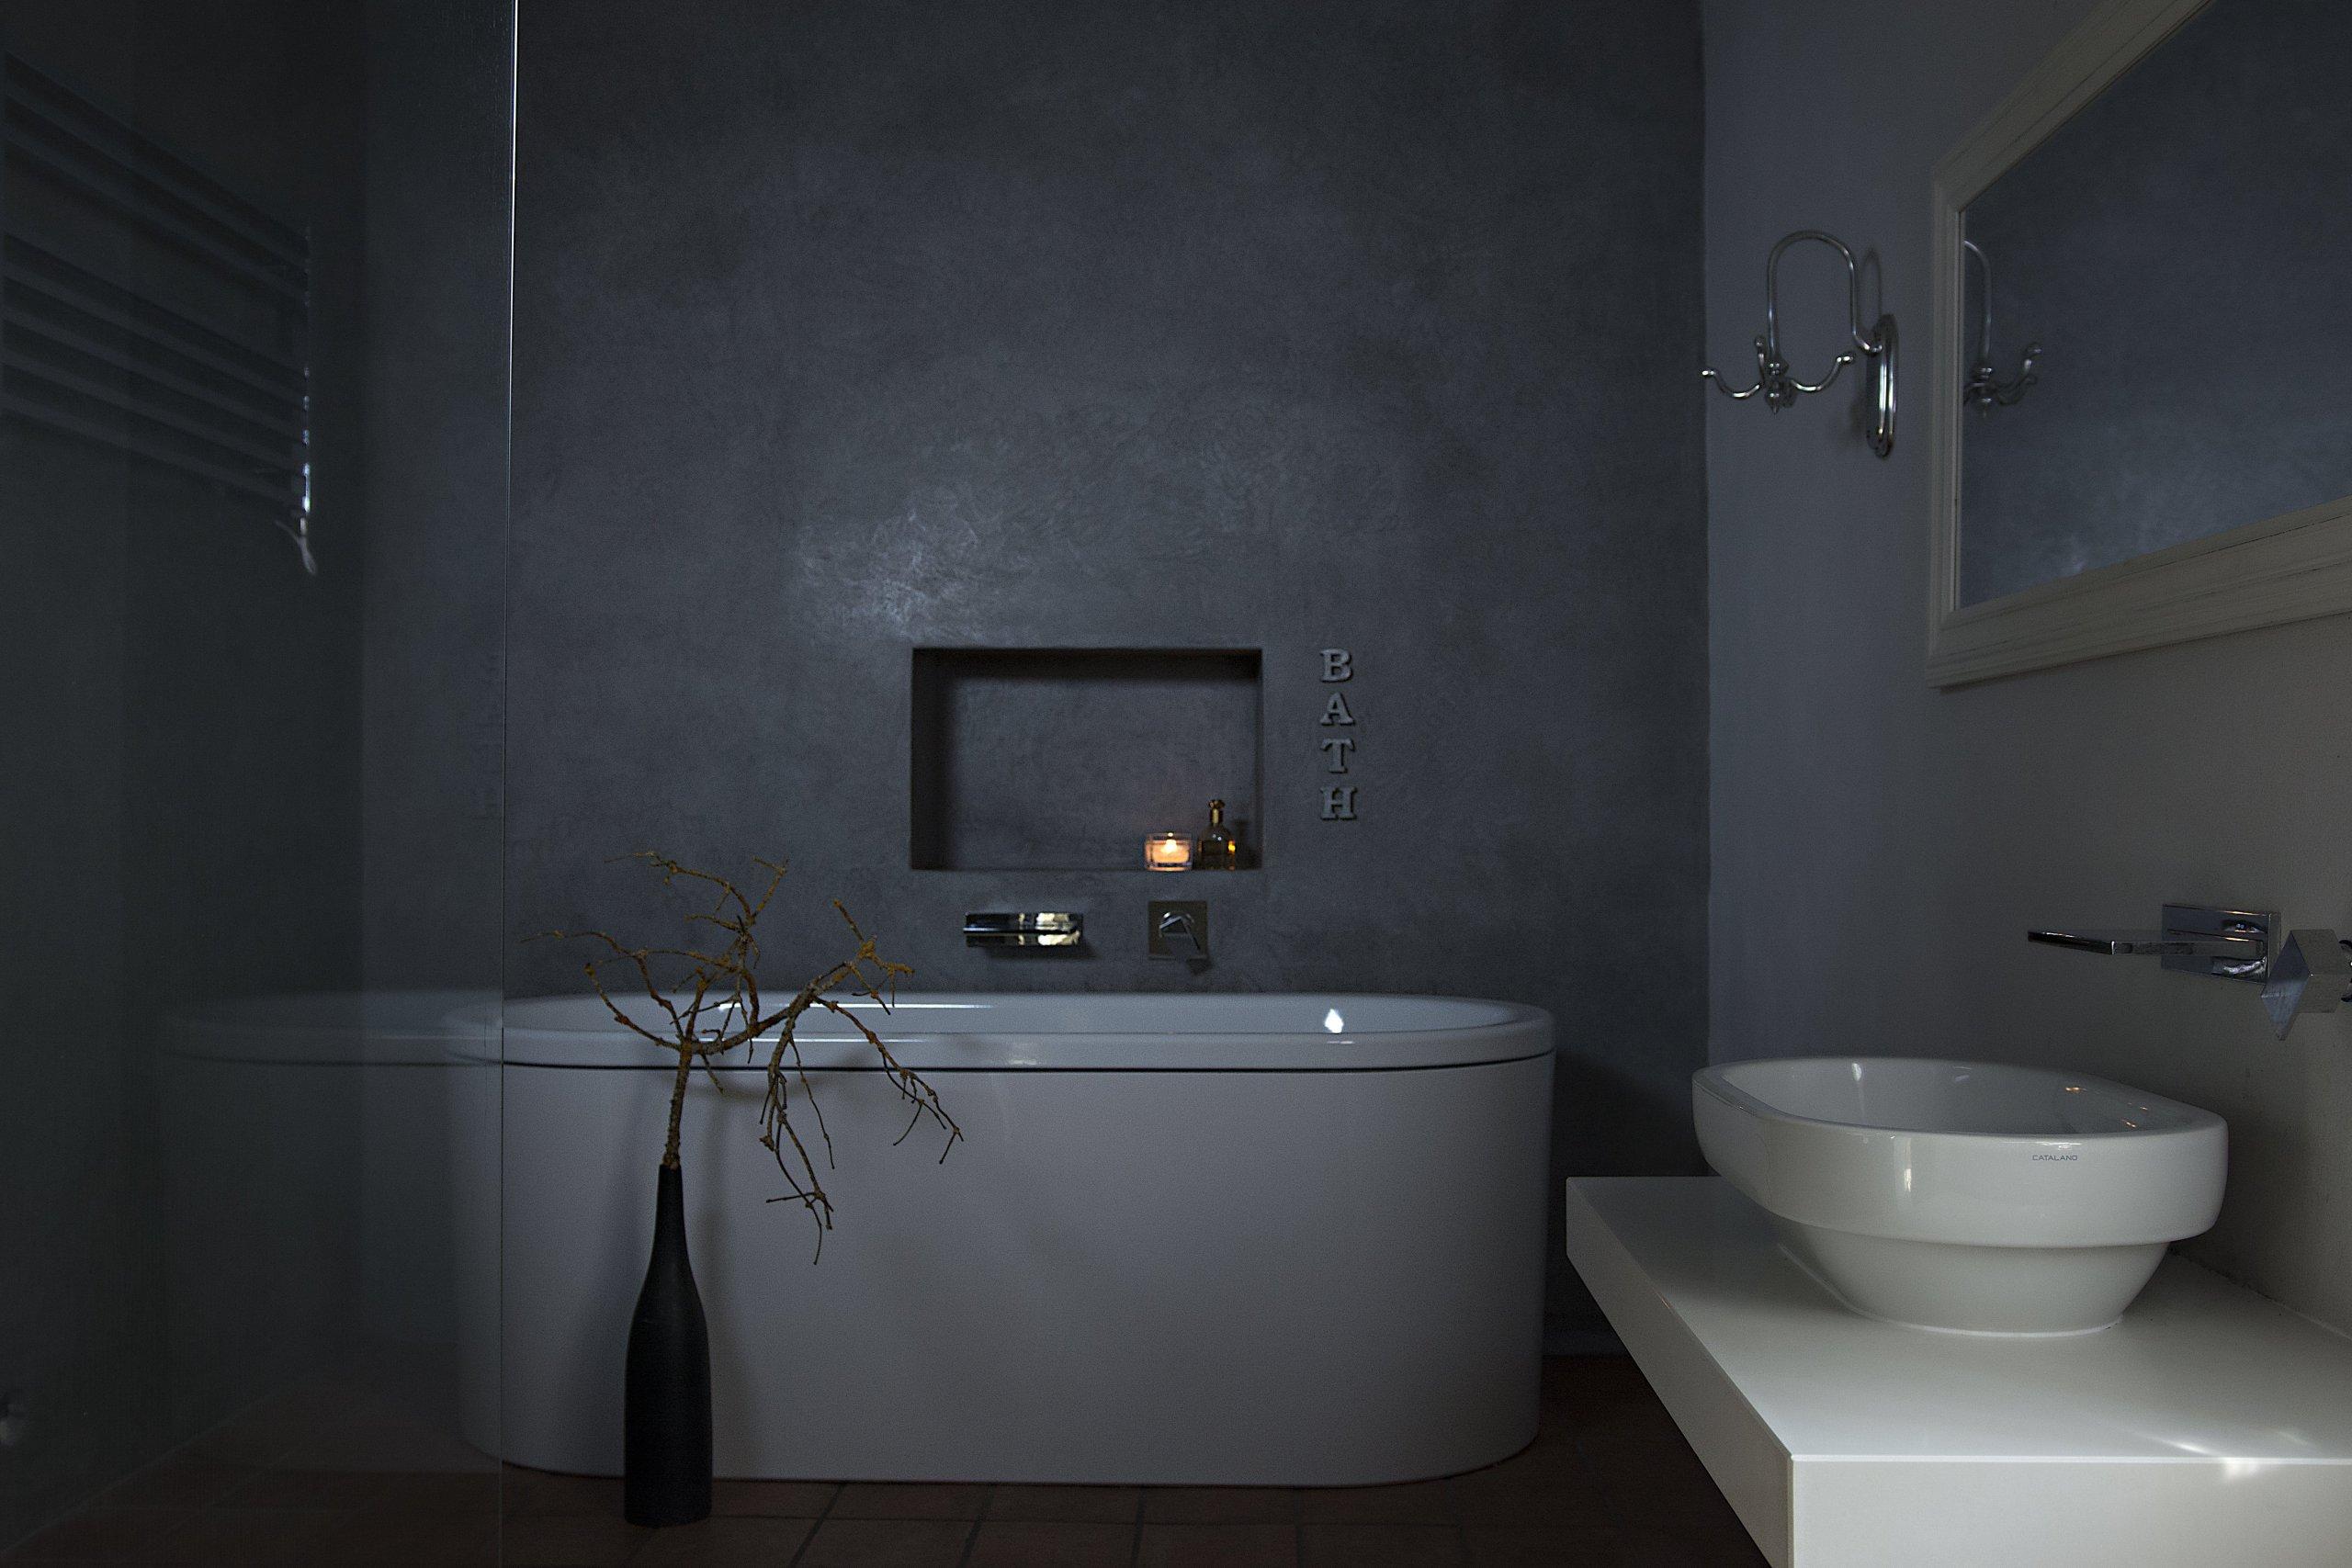 Koupelna s marockým štukem, prostornou vanou a vlevo sprchovým koutem odděleným skleněnou stěnou.